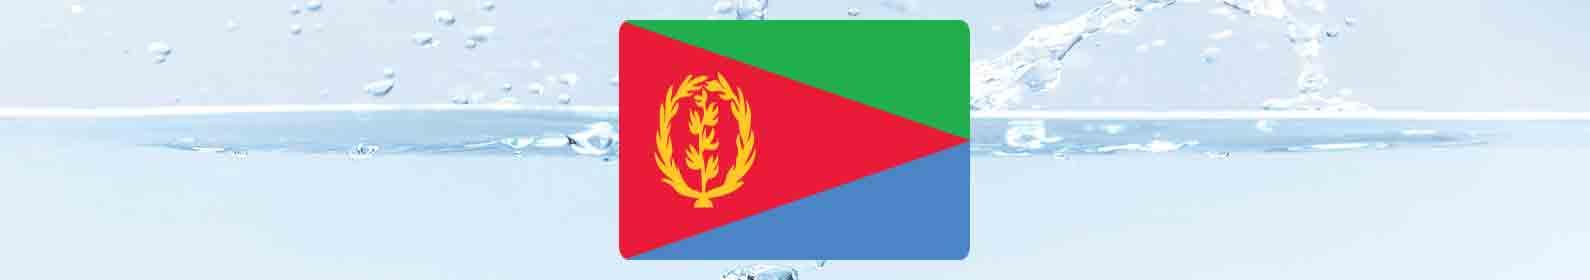 tratamento-de-agua-eritreia.jpg